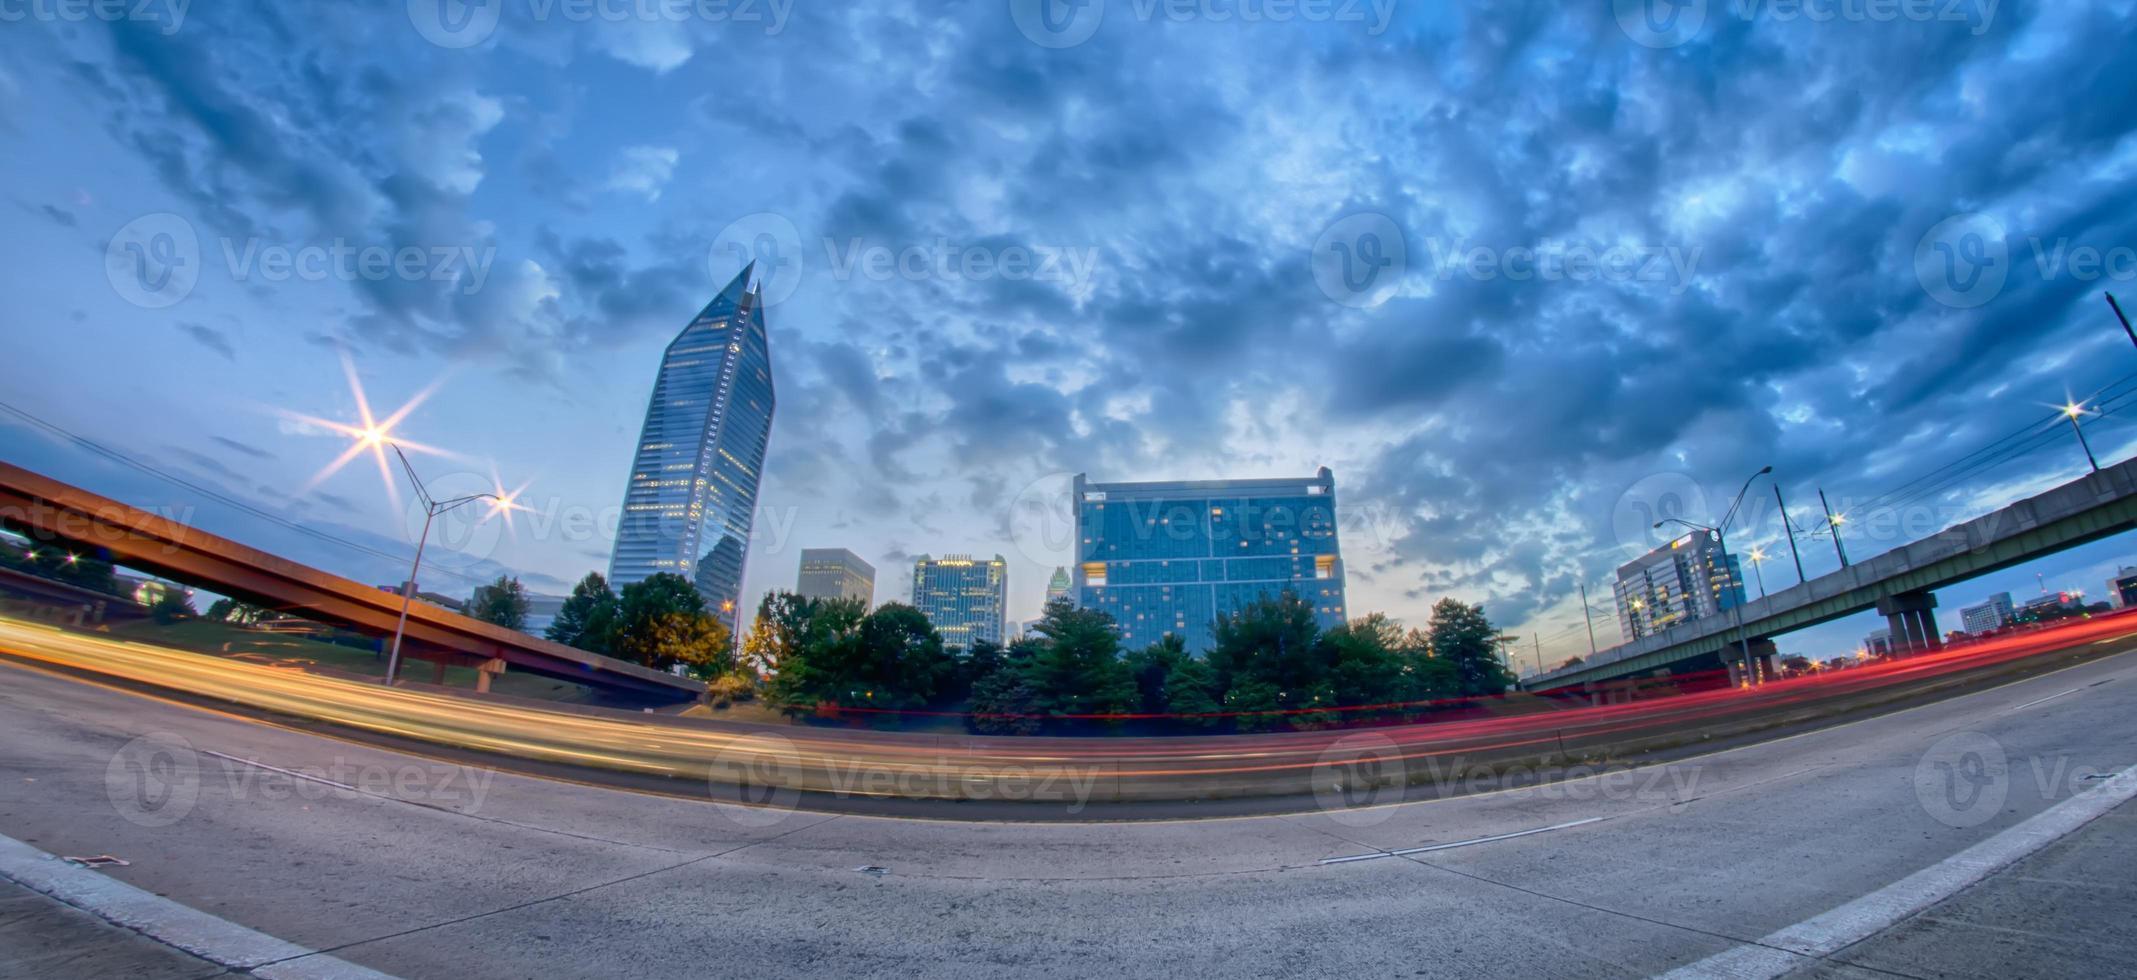 skyline di charlotte nrth carolina foto